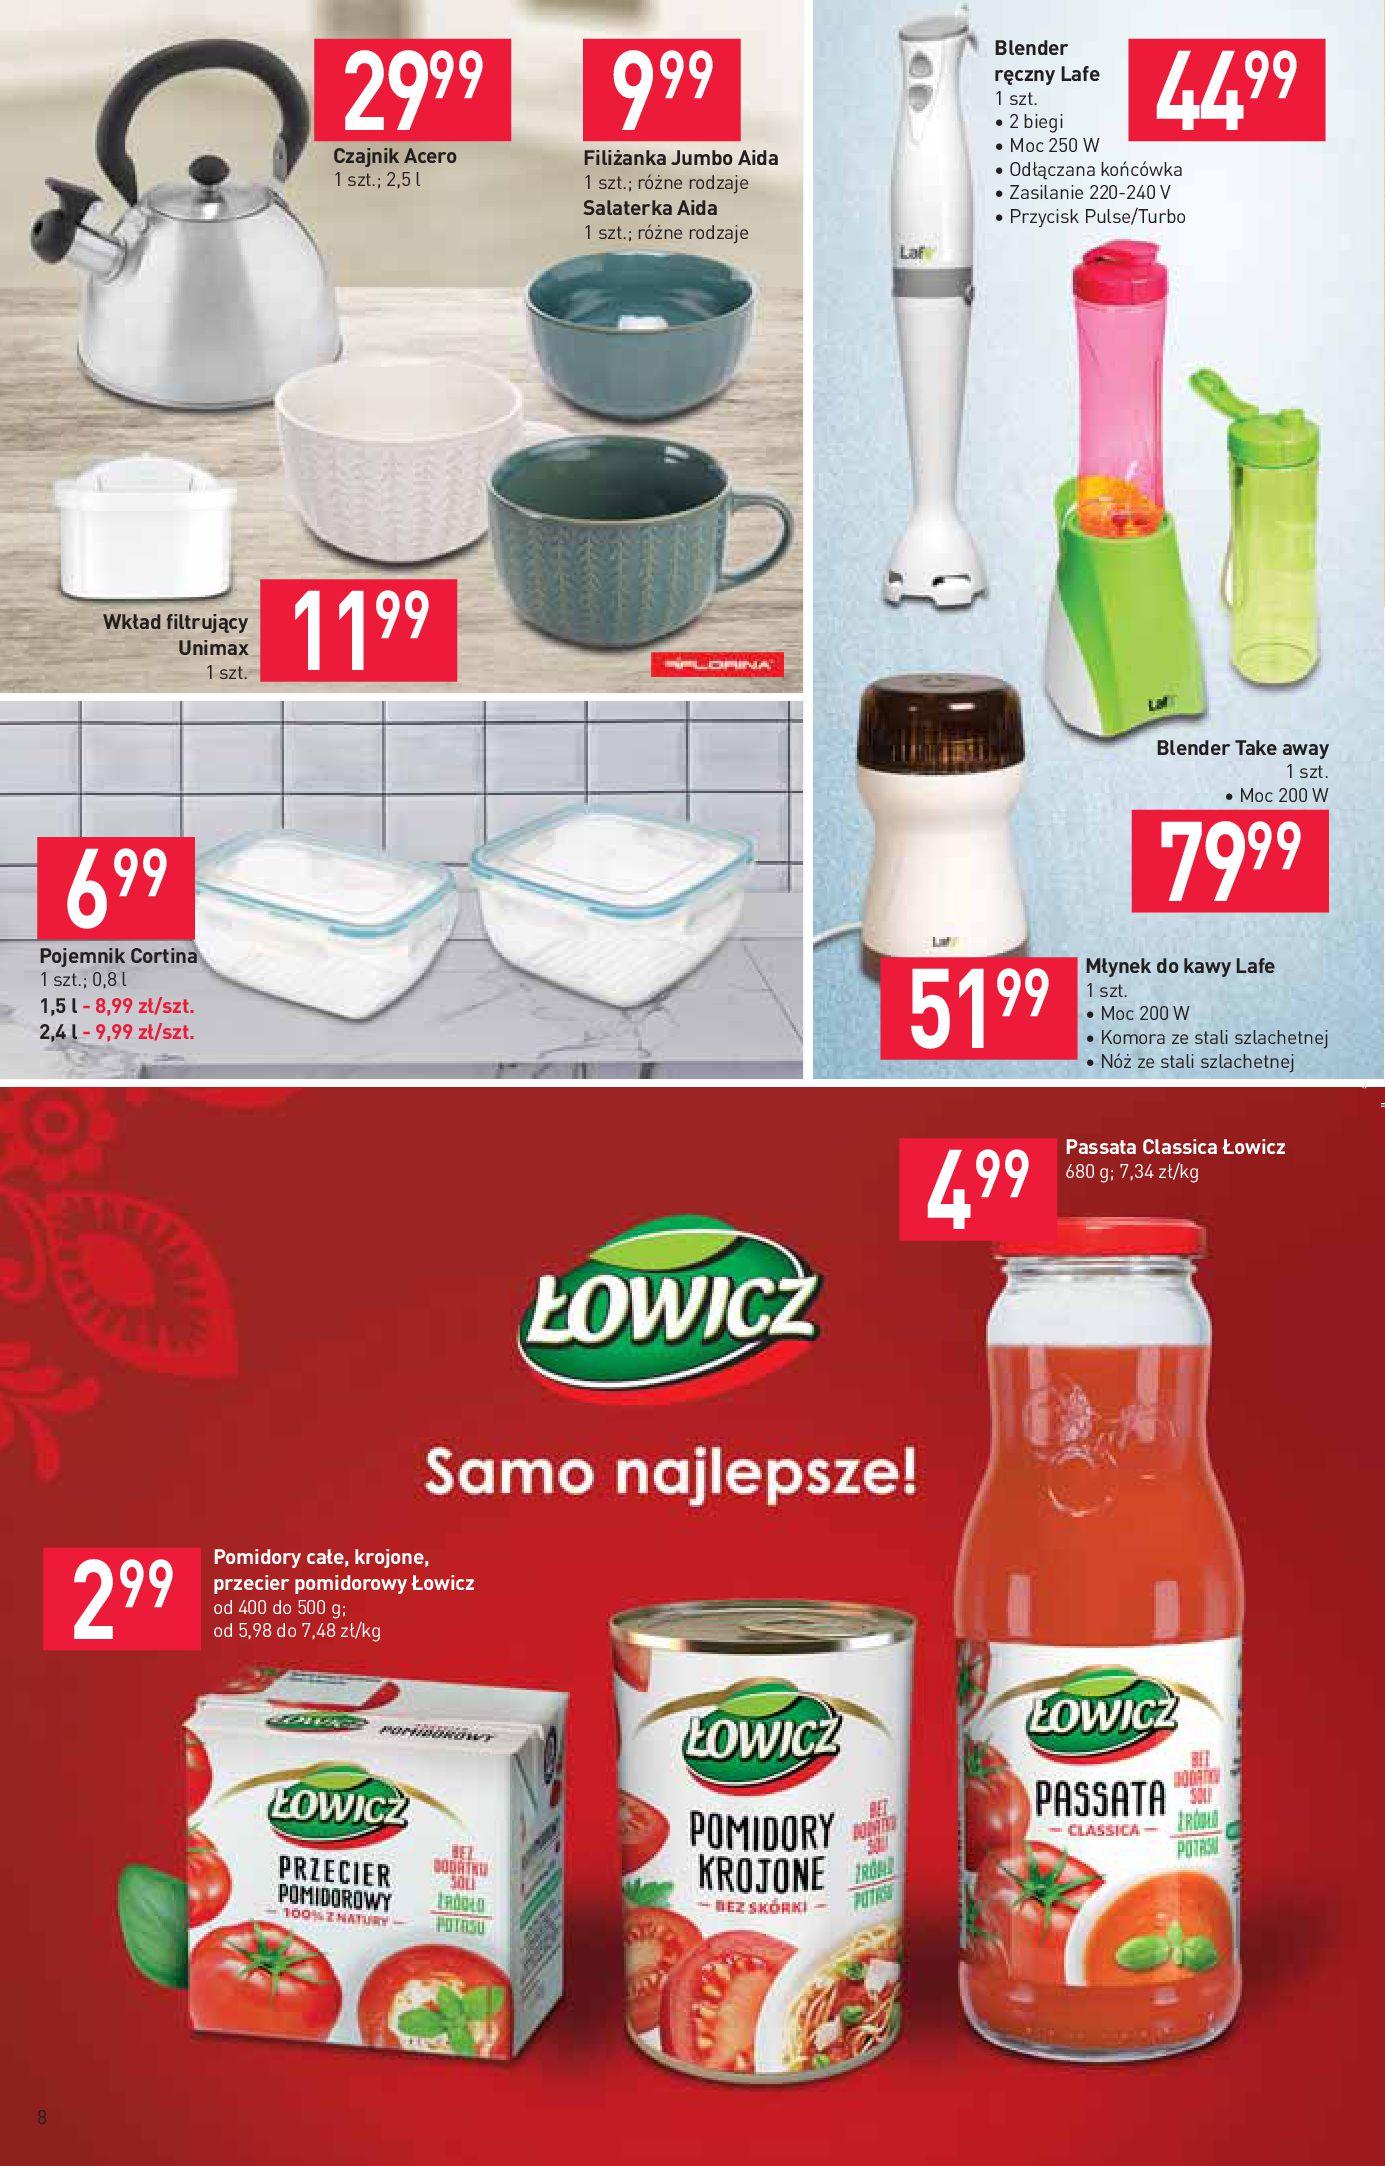 Gazetka Stokrotka Supermarket - Gazetka supermarket-13.08.2019-21.08.2019-page-8